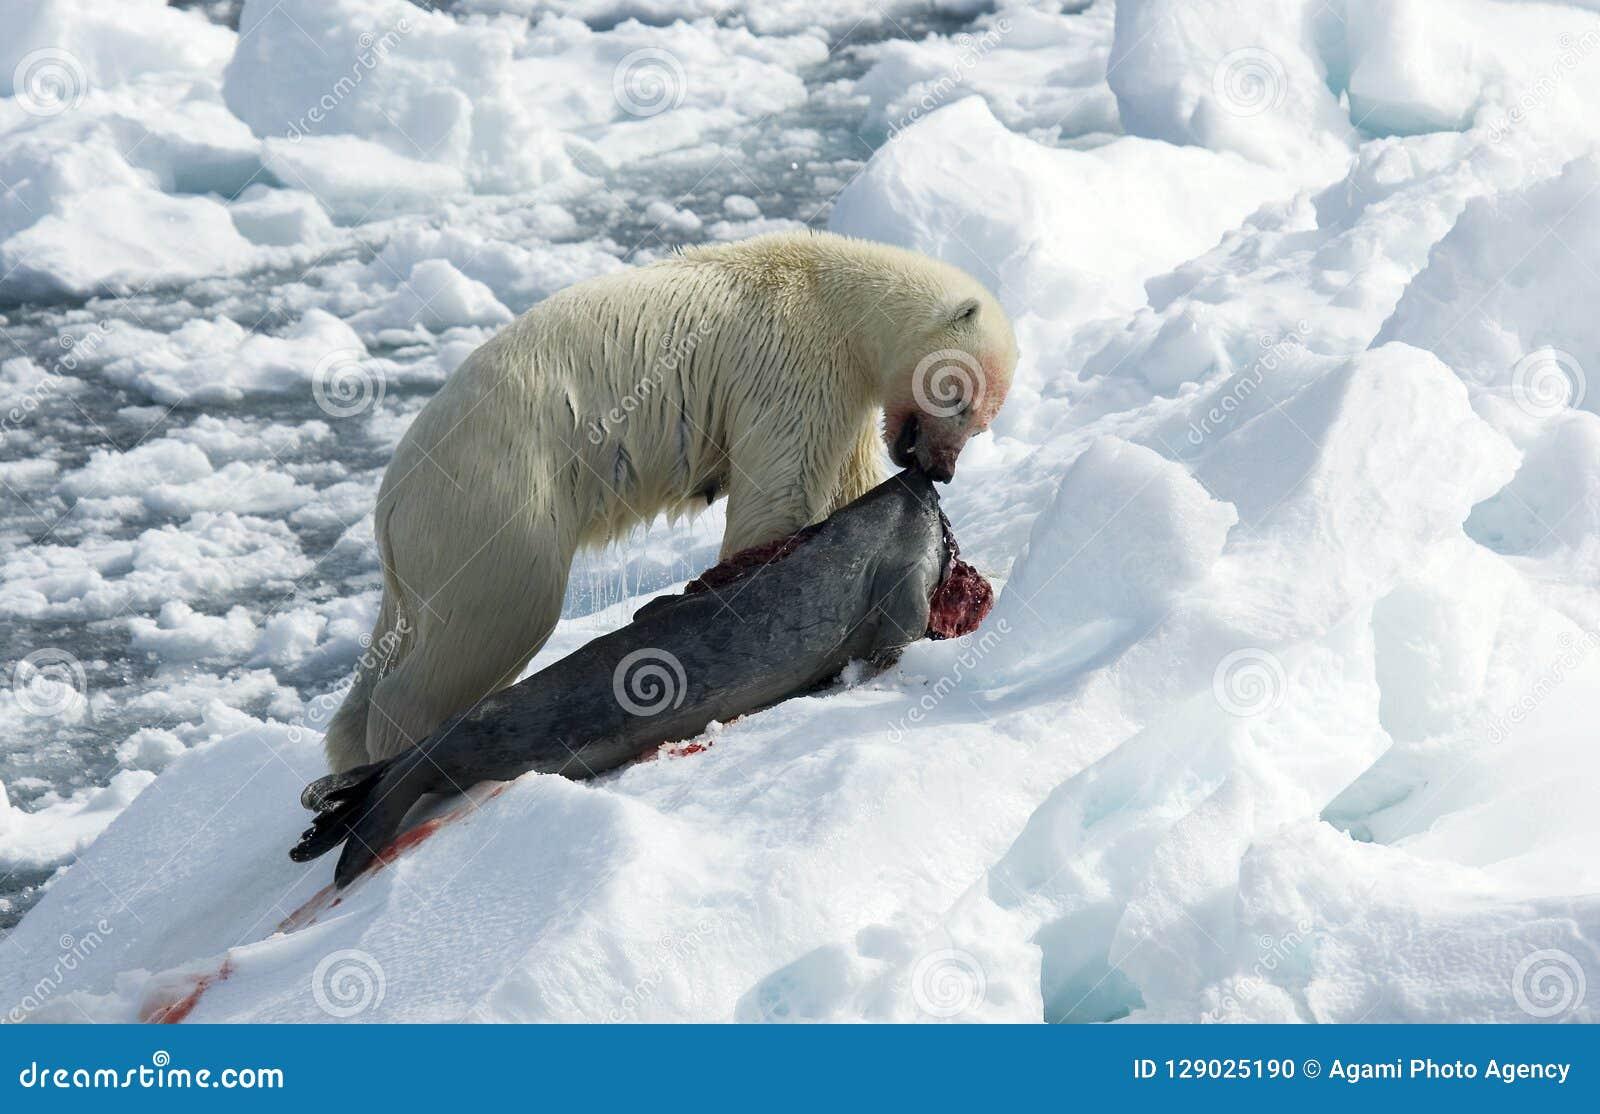 Polar Bear, IJsbeer, Ursus maritimus,